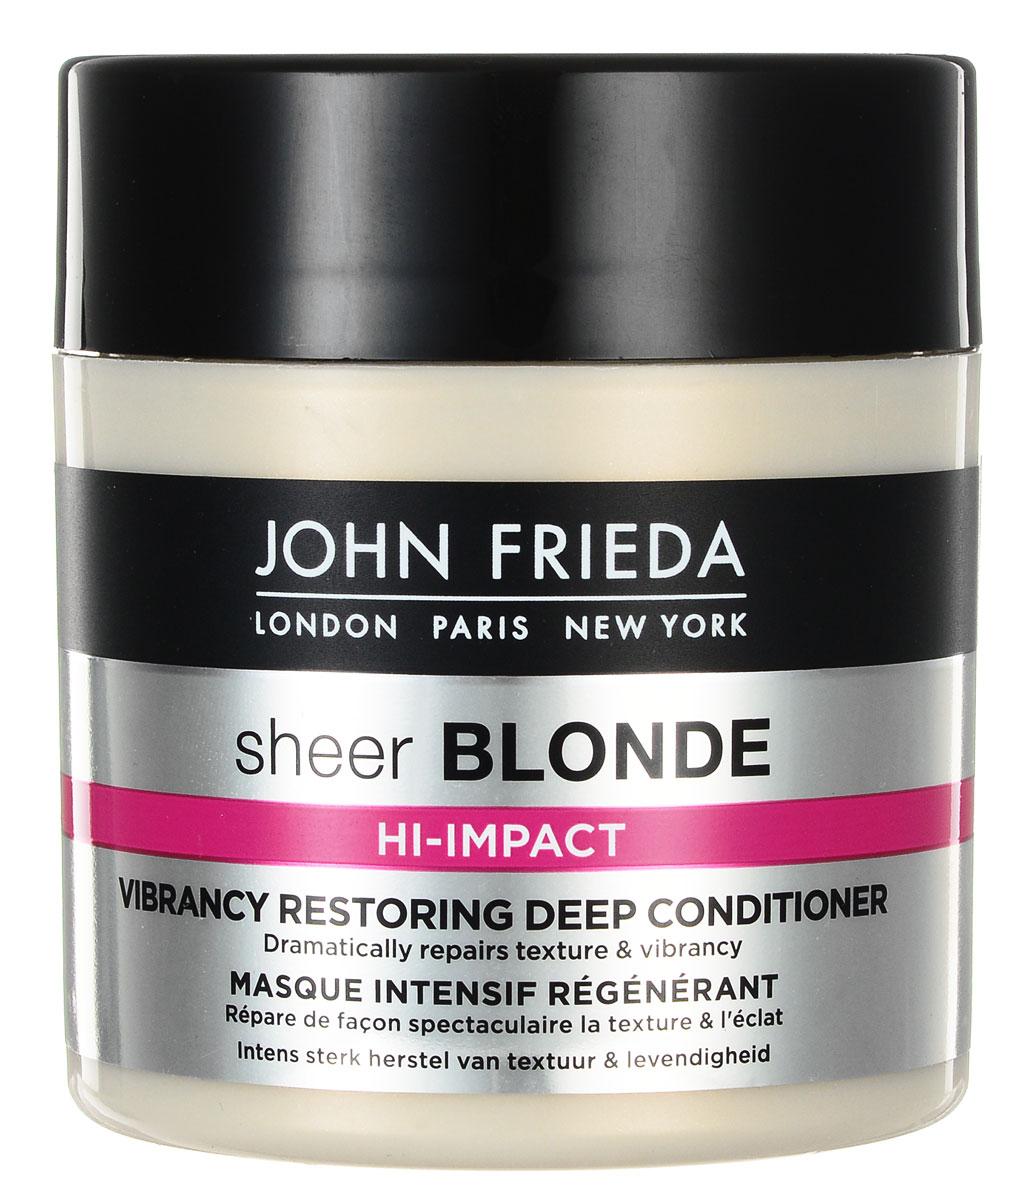 John Frieda Маска для восстановления сильно поврежденных волос Sheer Blonde Hi-Impact, 150 мл2274401_черный, молочныйМаска Sheer Blonde Hi-Impact от John Frieda интенсивно восстанавливаетповрежденную структуру светлых волос. Это великолепный помощник в уходе за сильно ослабленными волосами. Благодаря уникальным компонентам, входящим всостав, она увлажняет кожу головы, питает и восстанавливает повреждённыепосле окрашивания волосы, придаёт им жизненную силу, предотвращаетломкость. При регулярном использовании локоны становятся более послушными,легче расчёсываются. Подарите своим волосам здоровый и сияющий вид. Товар сертифицирован.